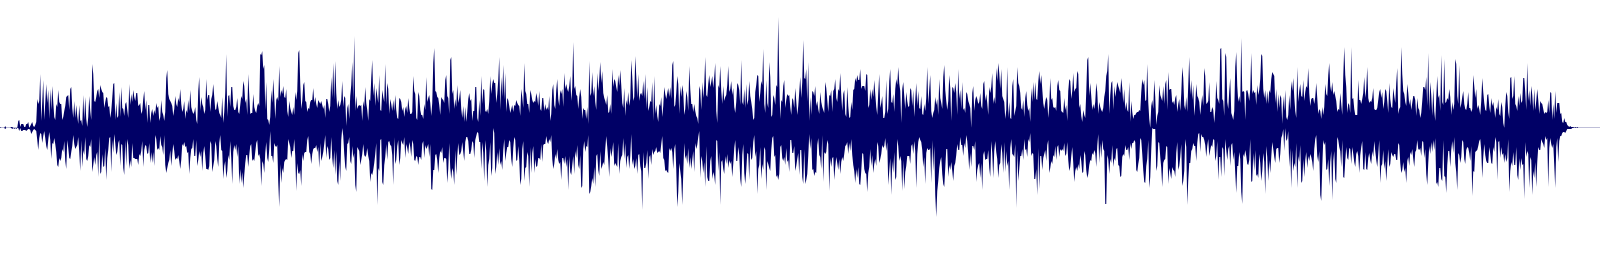 waveform of track #148432